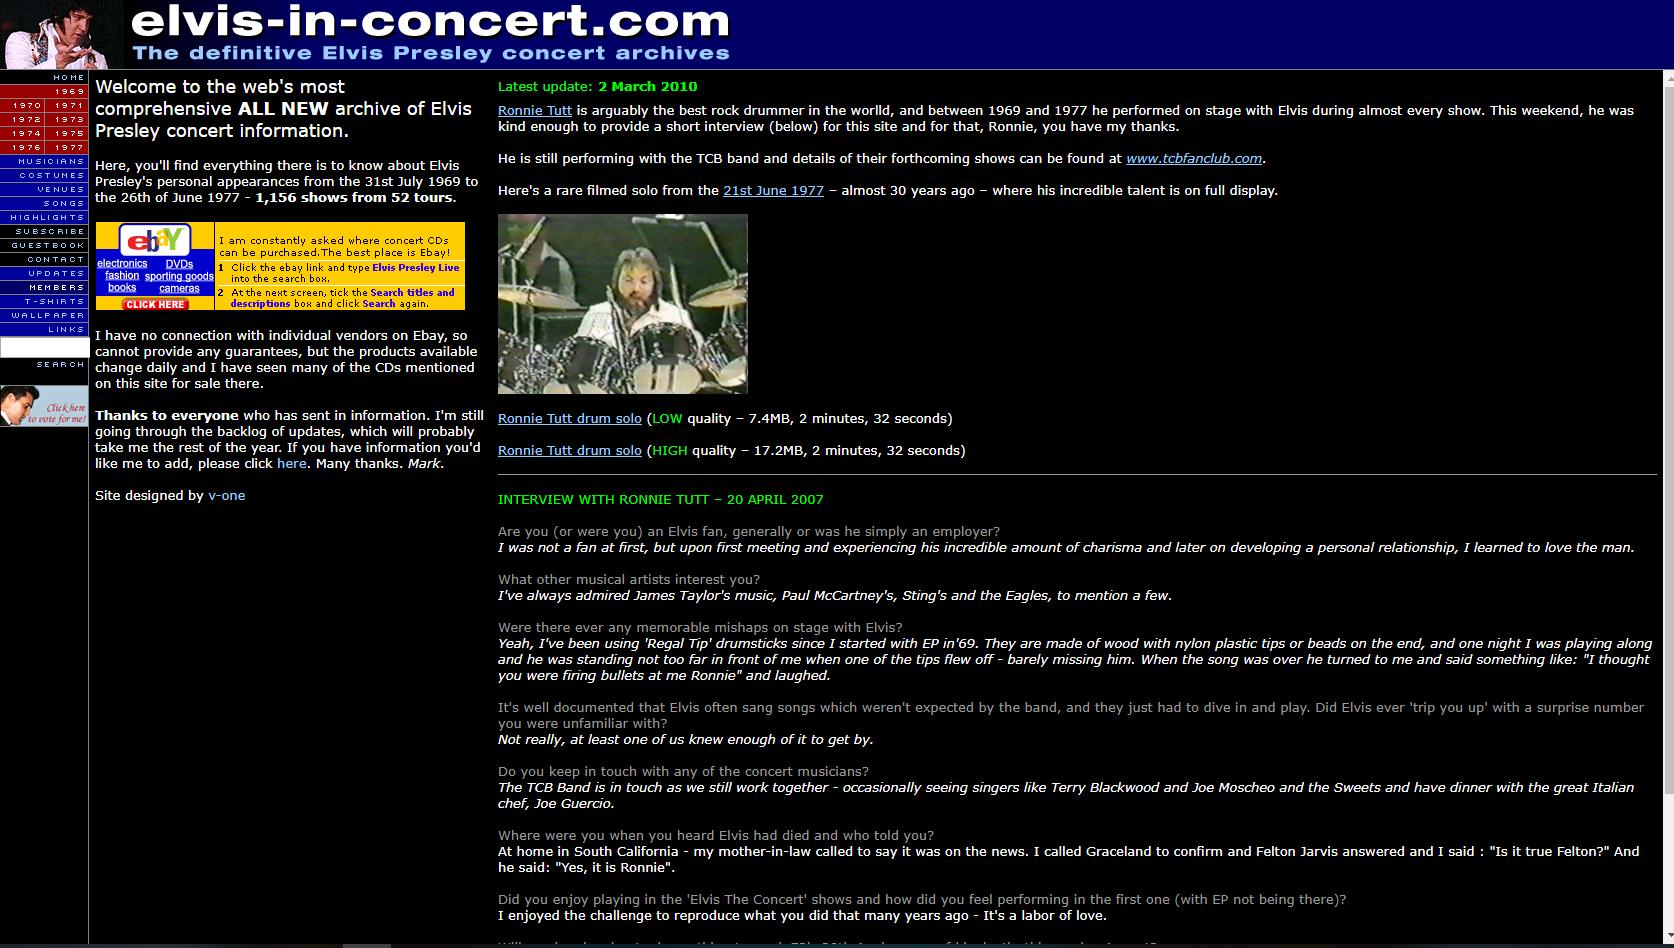 Elvis In Concert.com